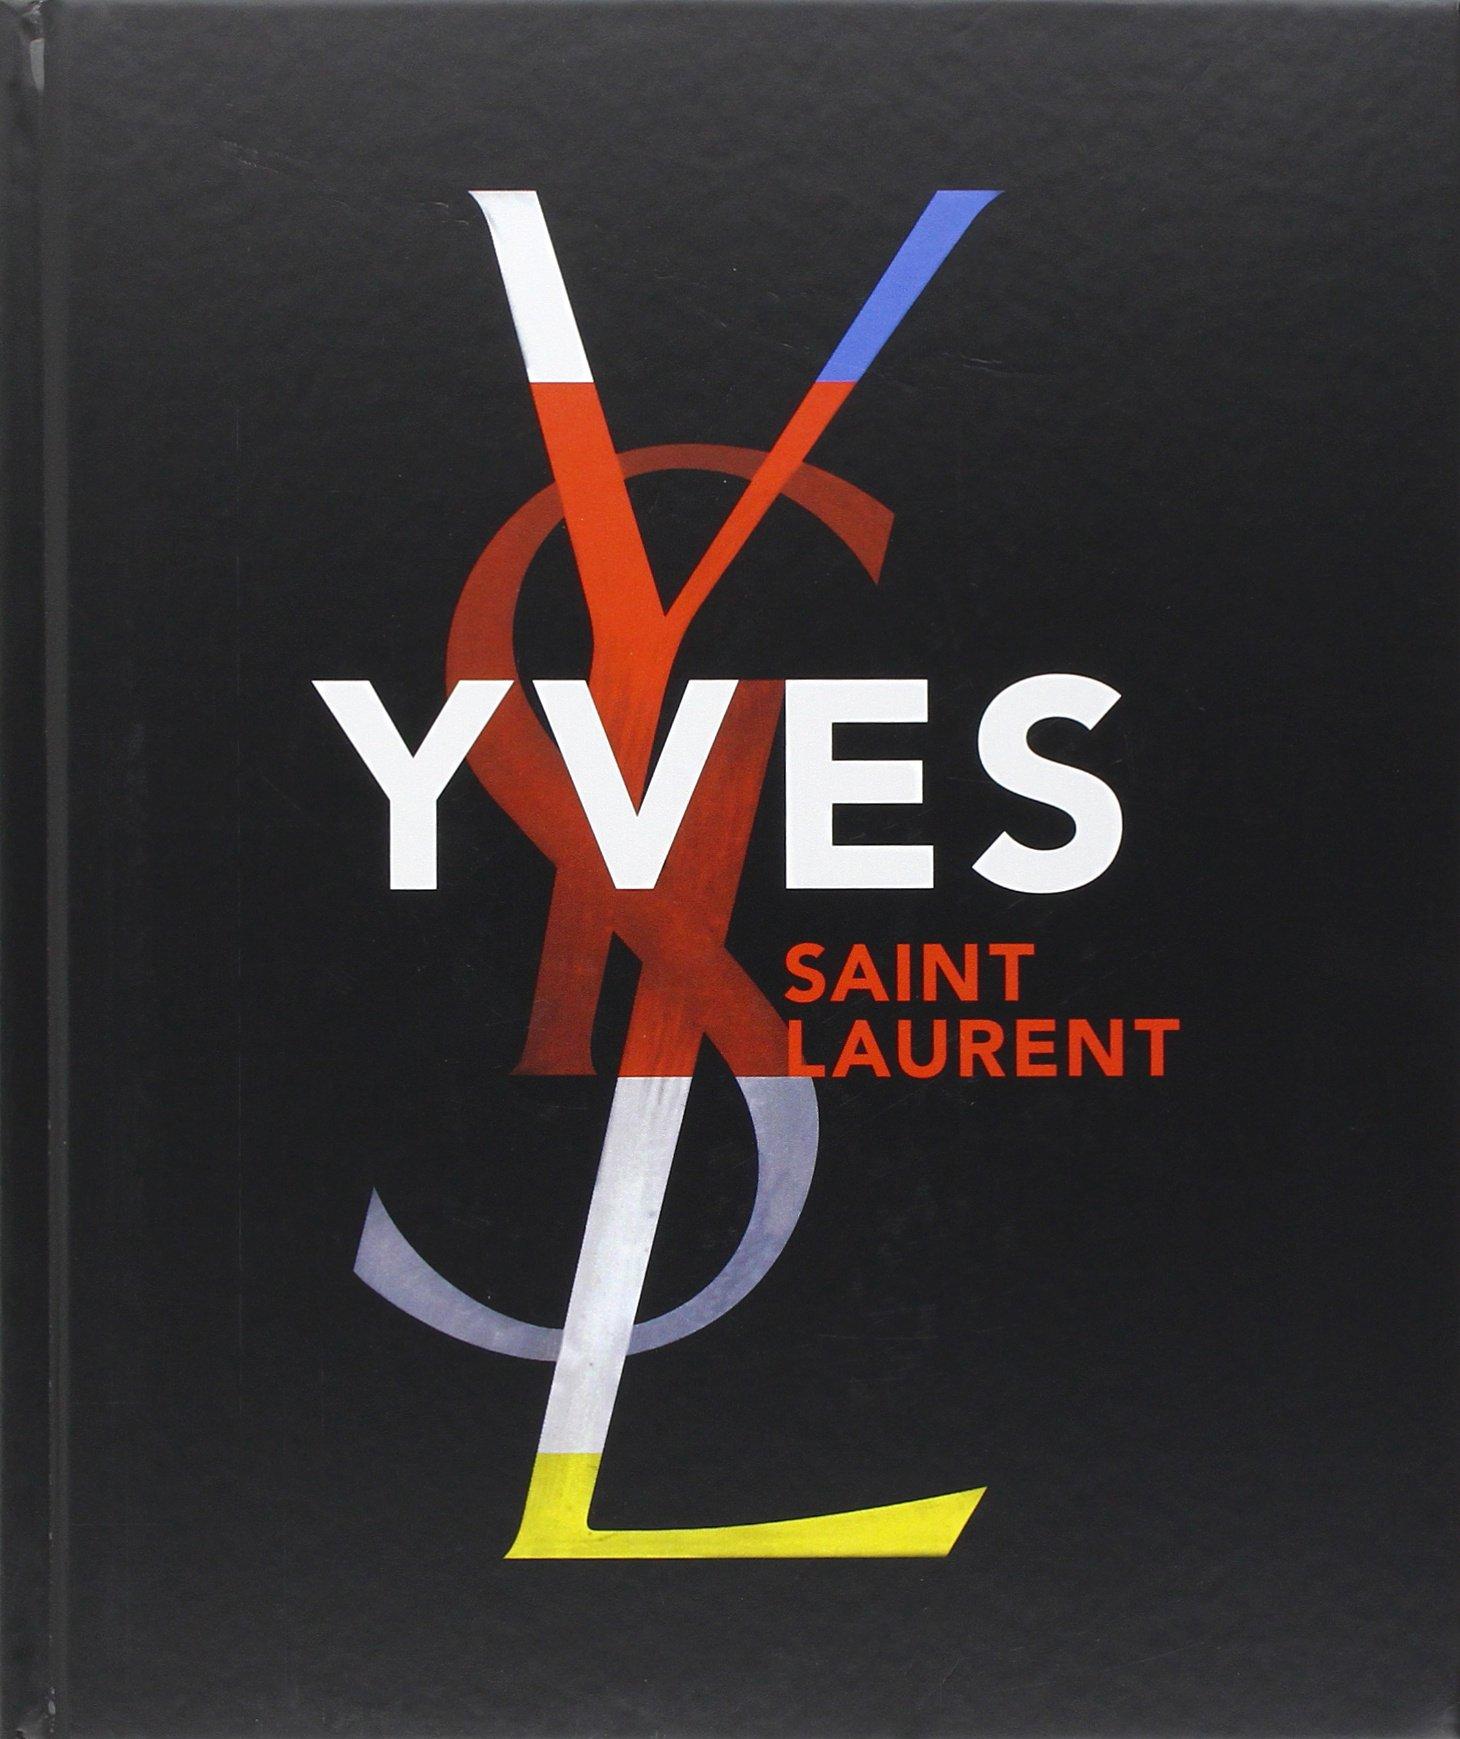 Yves Saint Laurent Florence Chenoune Farid Muller 9780810996083